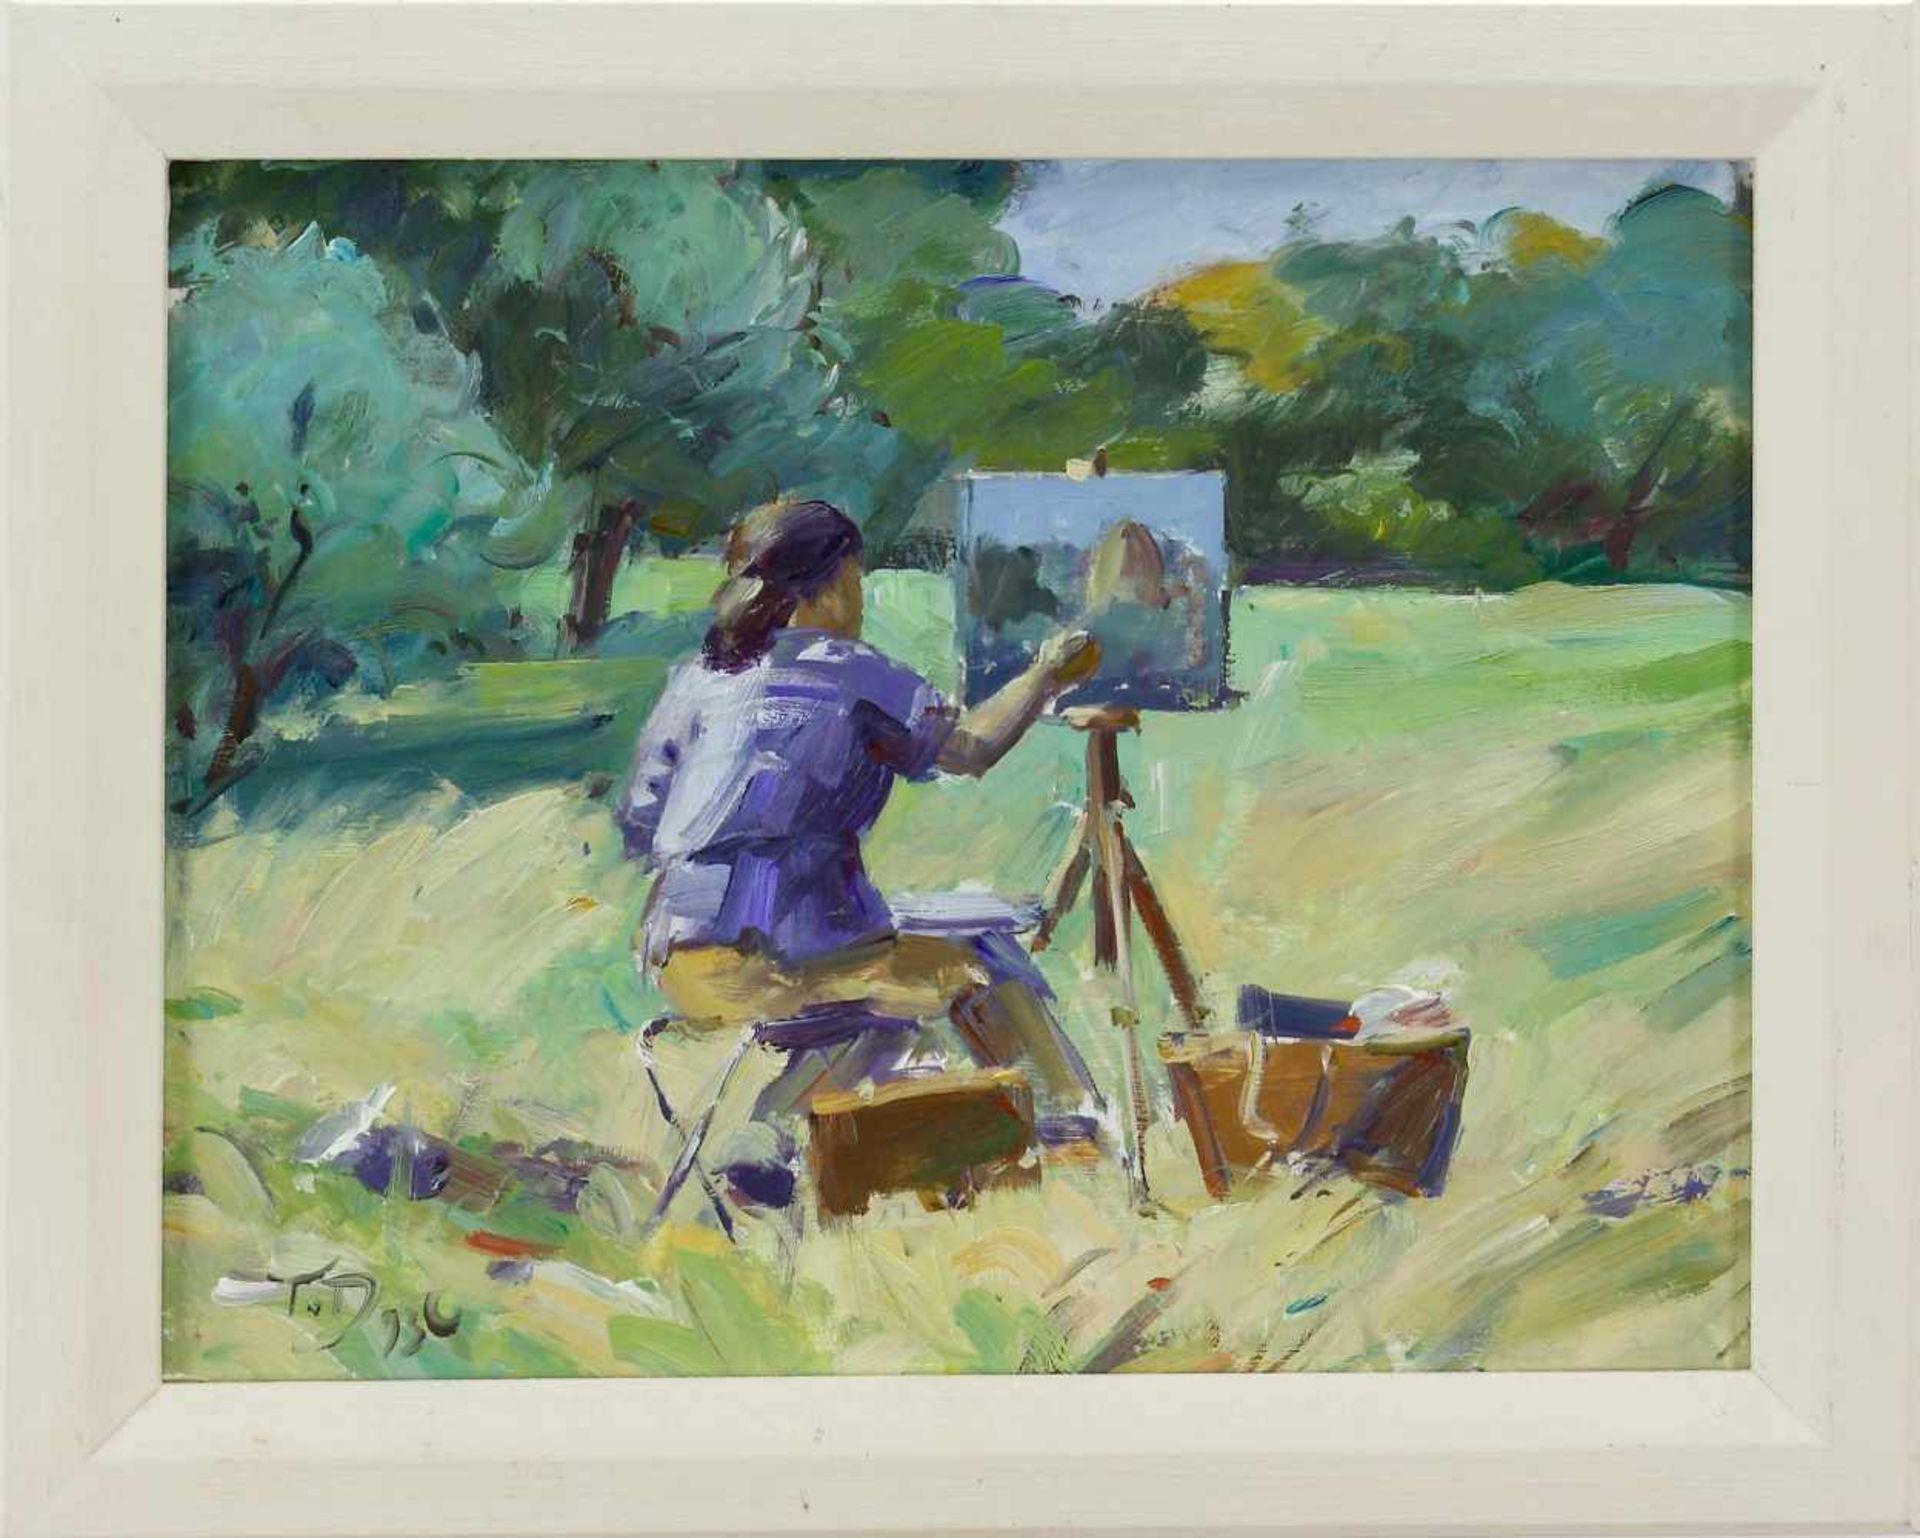 Duwe, Tobias (1961 Bad Oldesloe, lebt in Großensee)Malerin im Freien. 1993. Öl auf Hartfaser. 27 x - Bild 2 aus 2